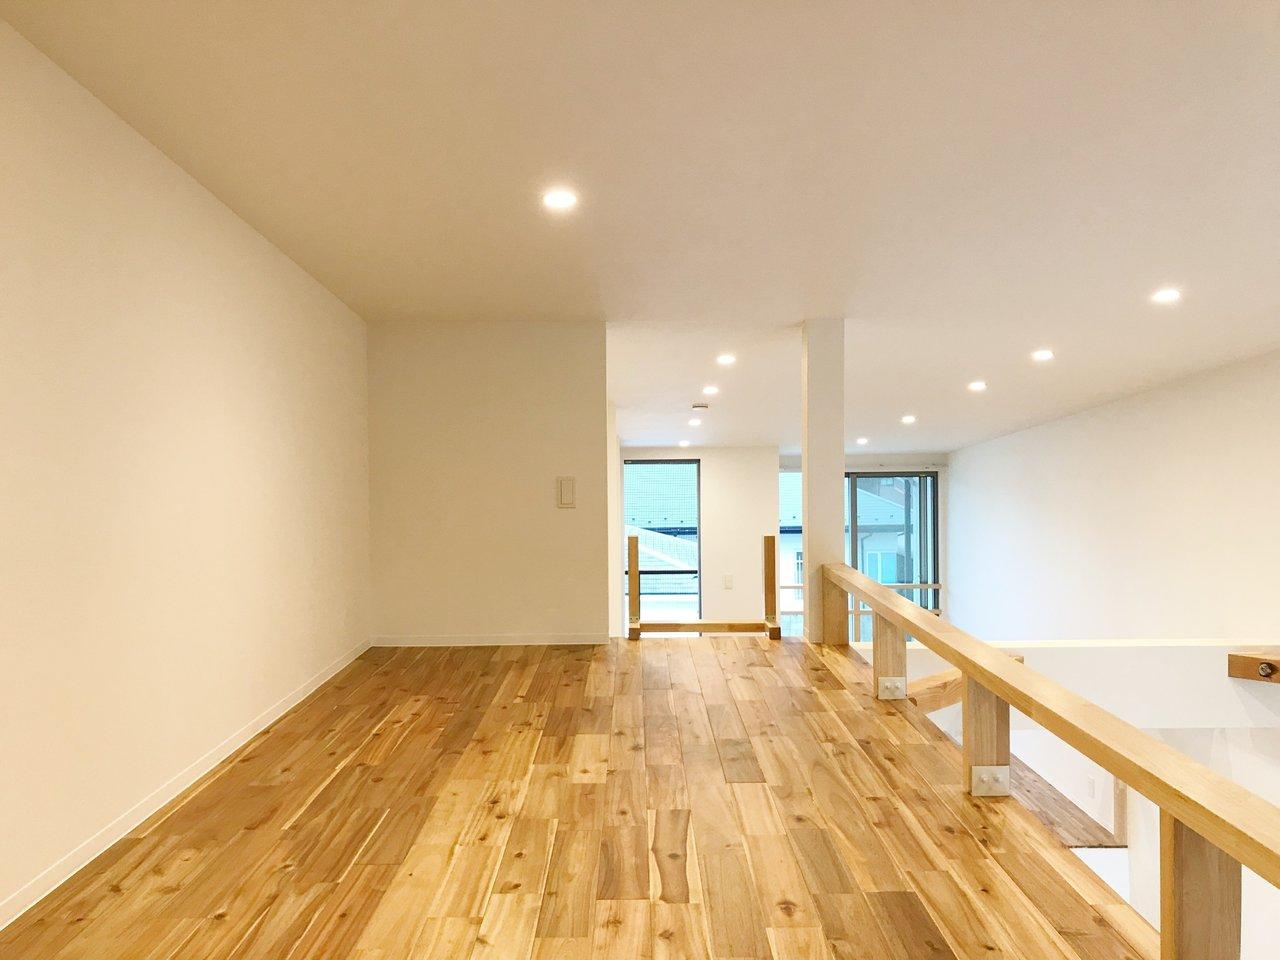 ロフトも広々としていて高さもあります。無垢床はもちろんここにも。お客様には見えない位置なので、布団を敷いて、寝室にしましょう。